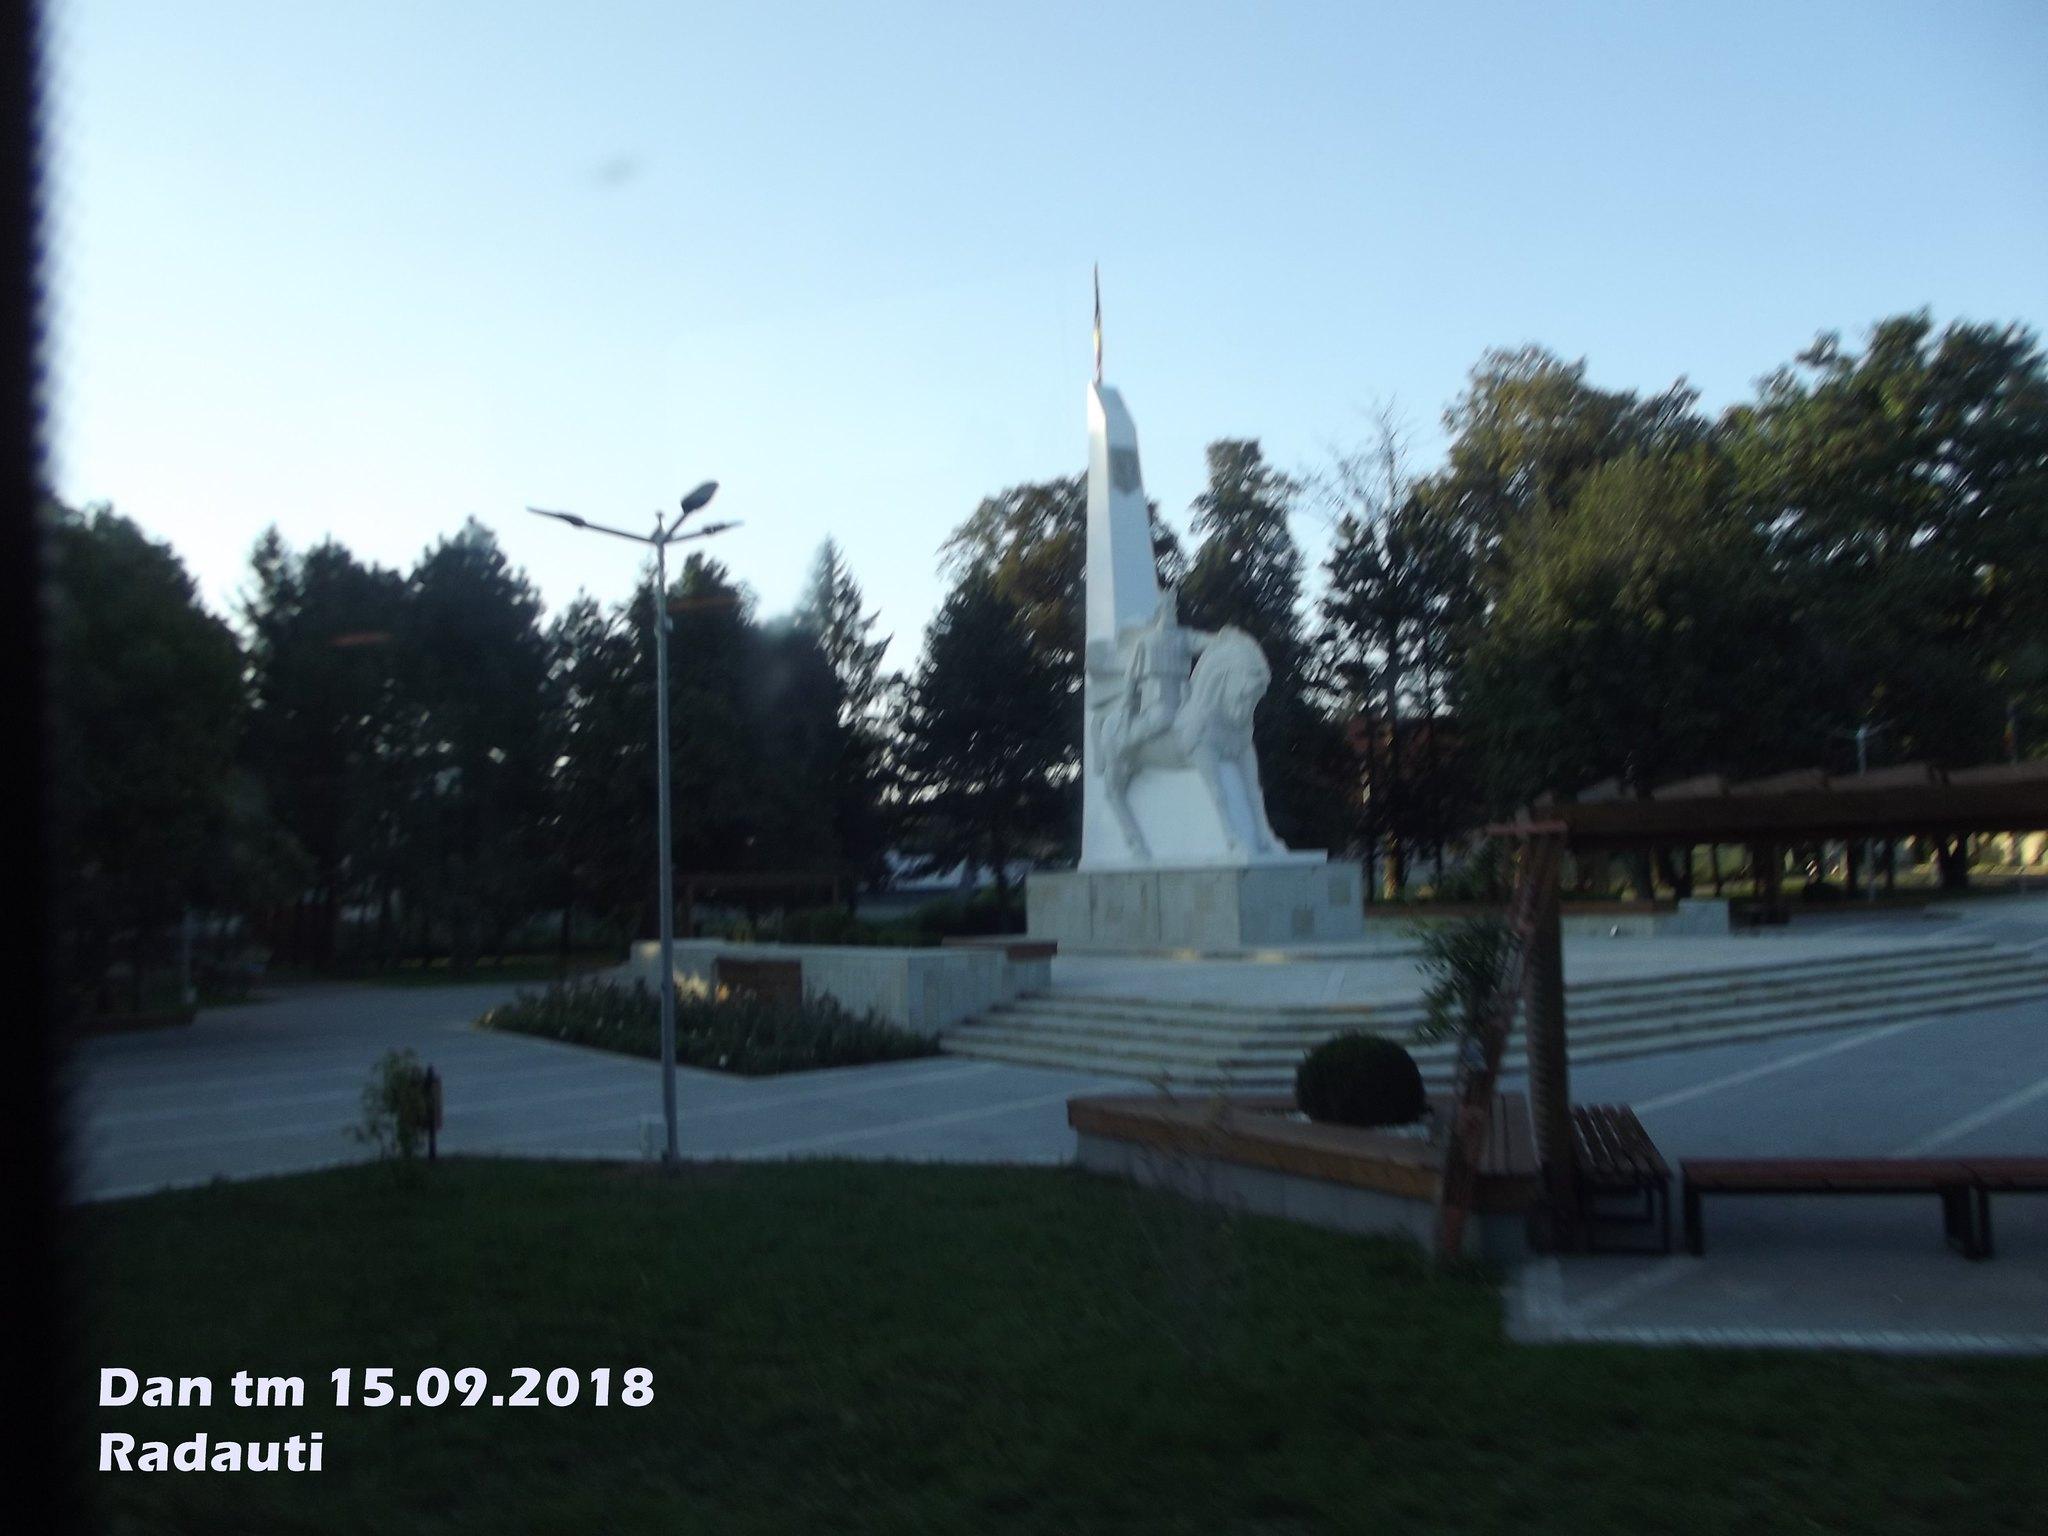 515 : Dorneşti - Gura Putnei - (Putna) - Nisipitu - Seletin UKR - Pagina 47 43826159975_c51cb2ebc6_k